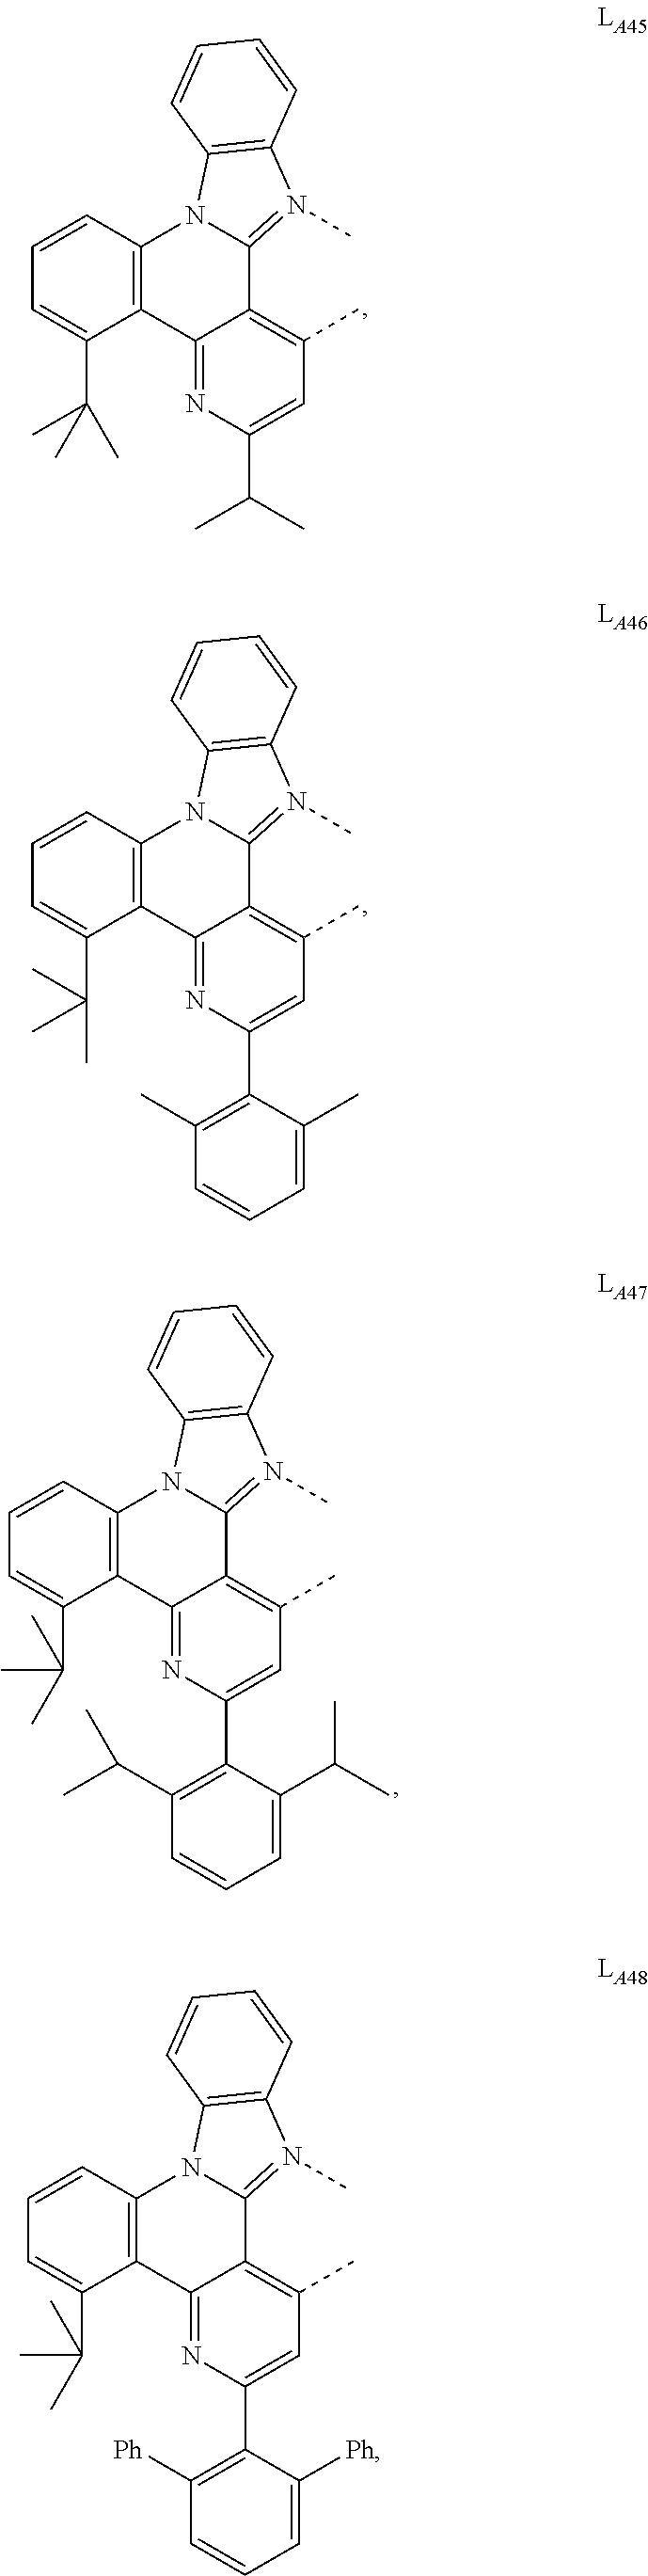 Figure US09905785-20180227-C00035